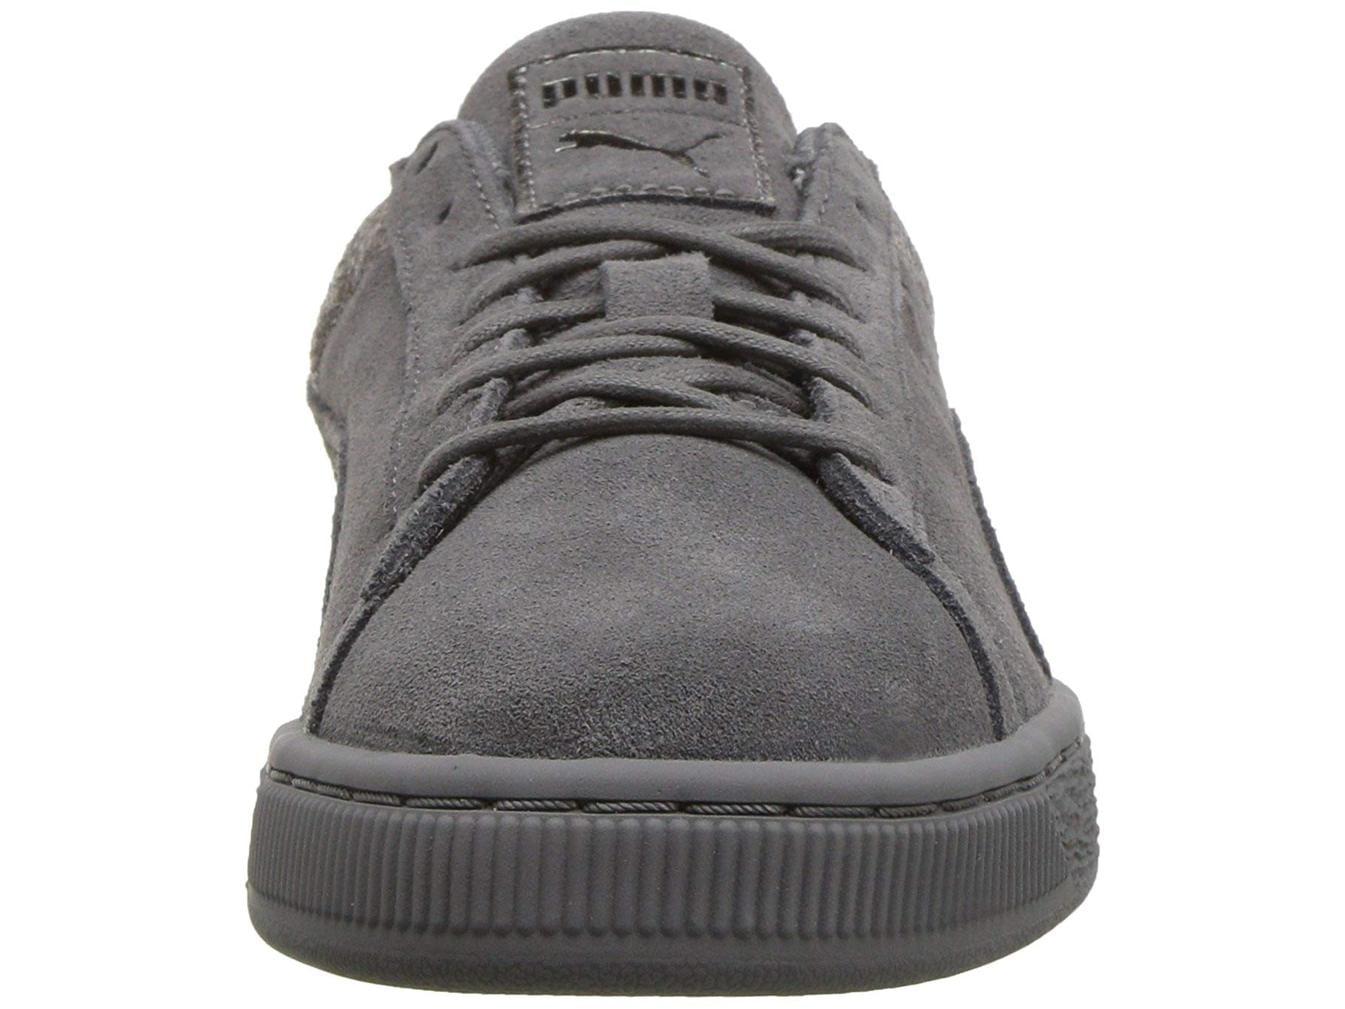 puma sneakers canada